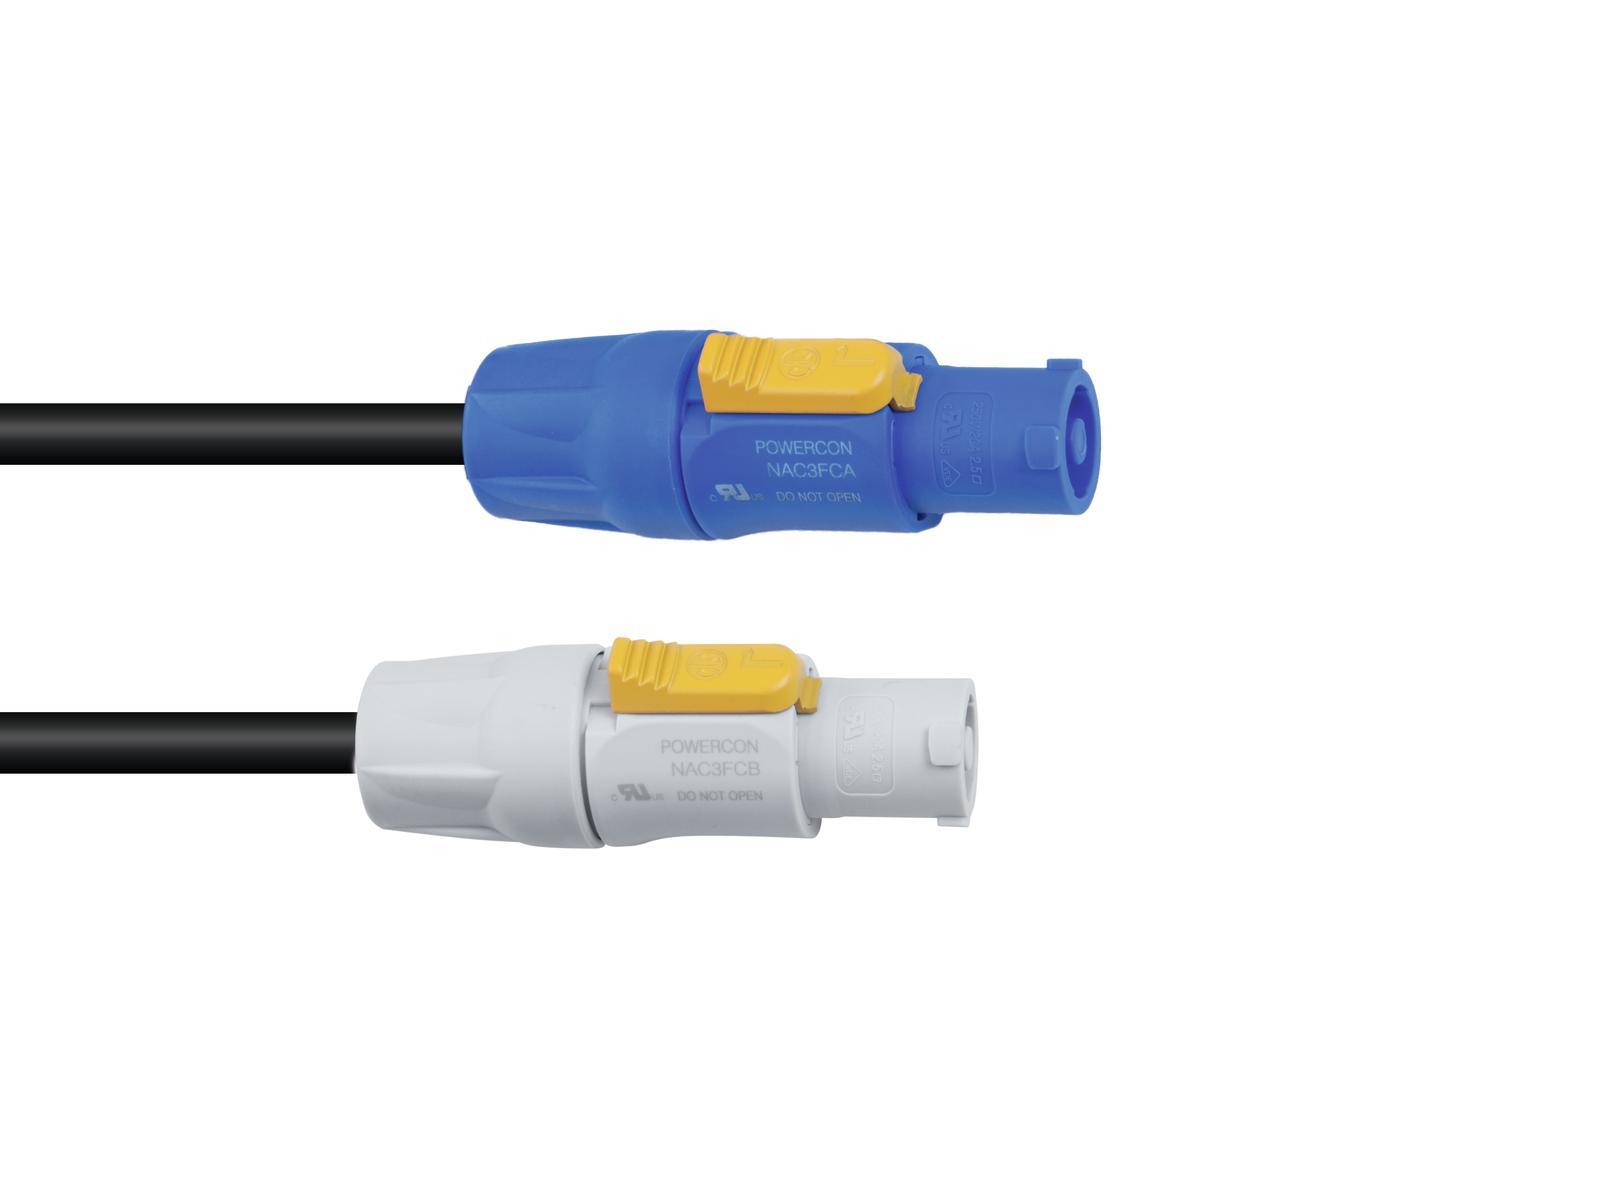 PSSO PowerCon prodlužovací kabel 3x2,5mm, 3m